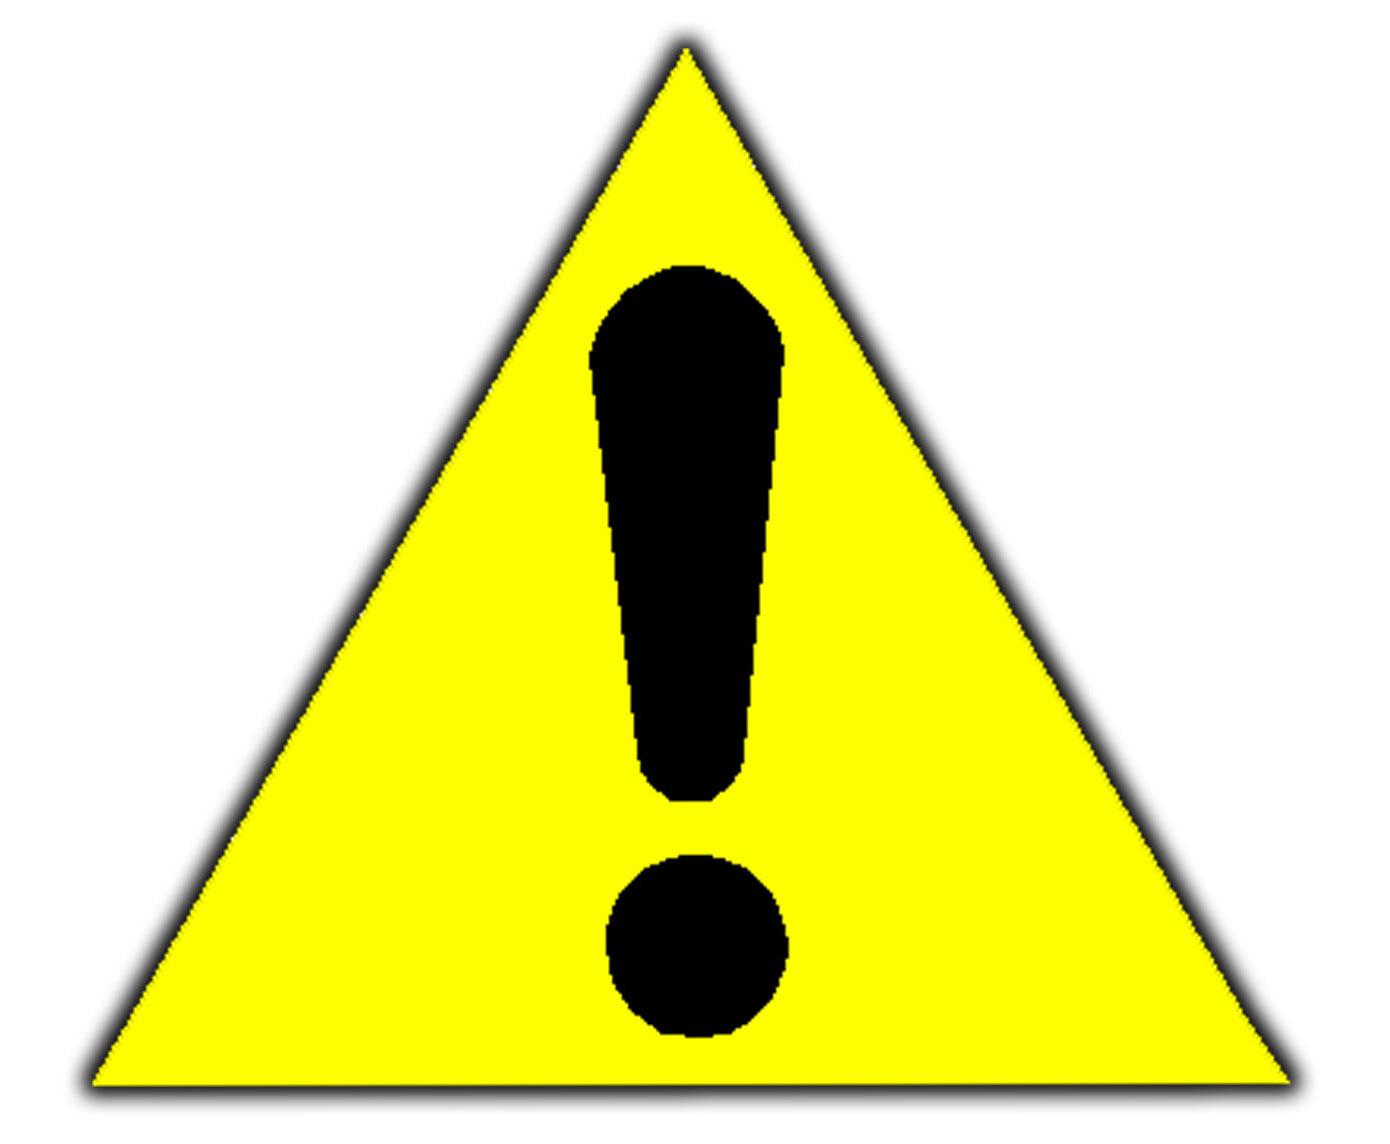 Antes si. Ahora no. Suspensión cautelar de la Instrucción de fecha de 12 de febrero de 2015 de la DGRN sobre legalización de libros de los empresarios.